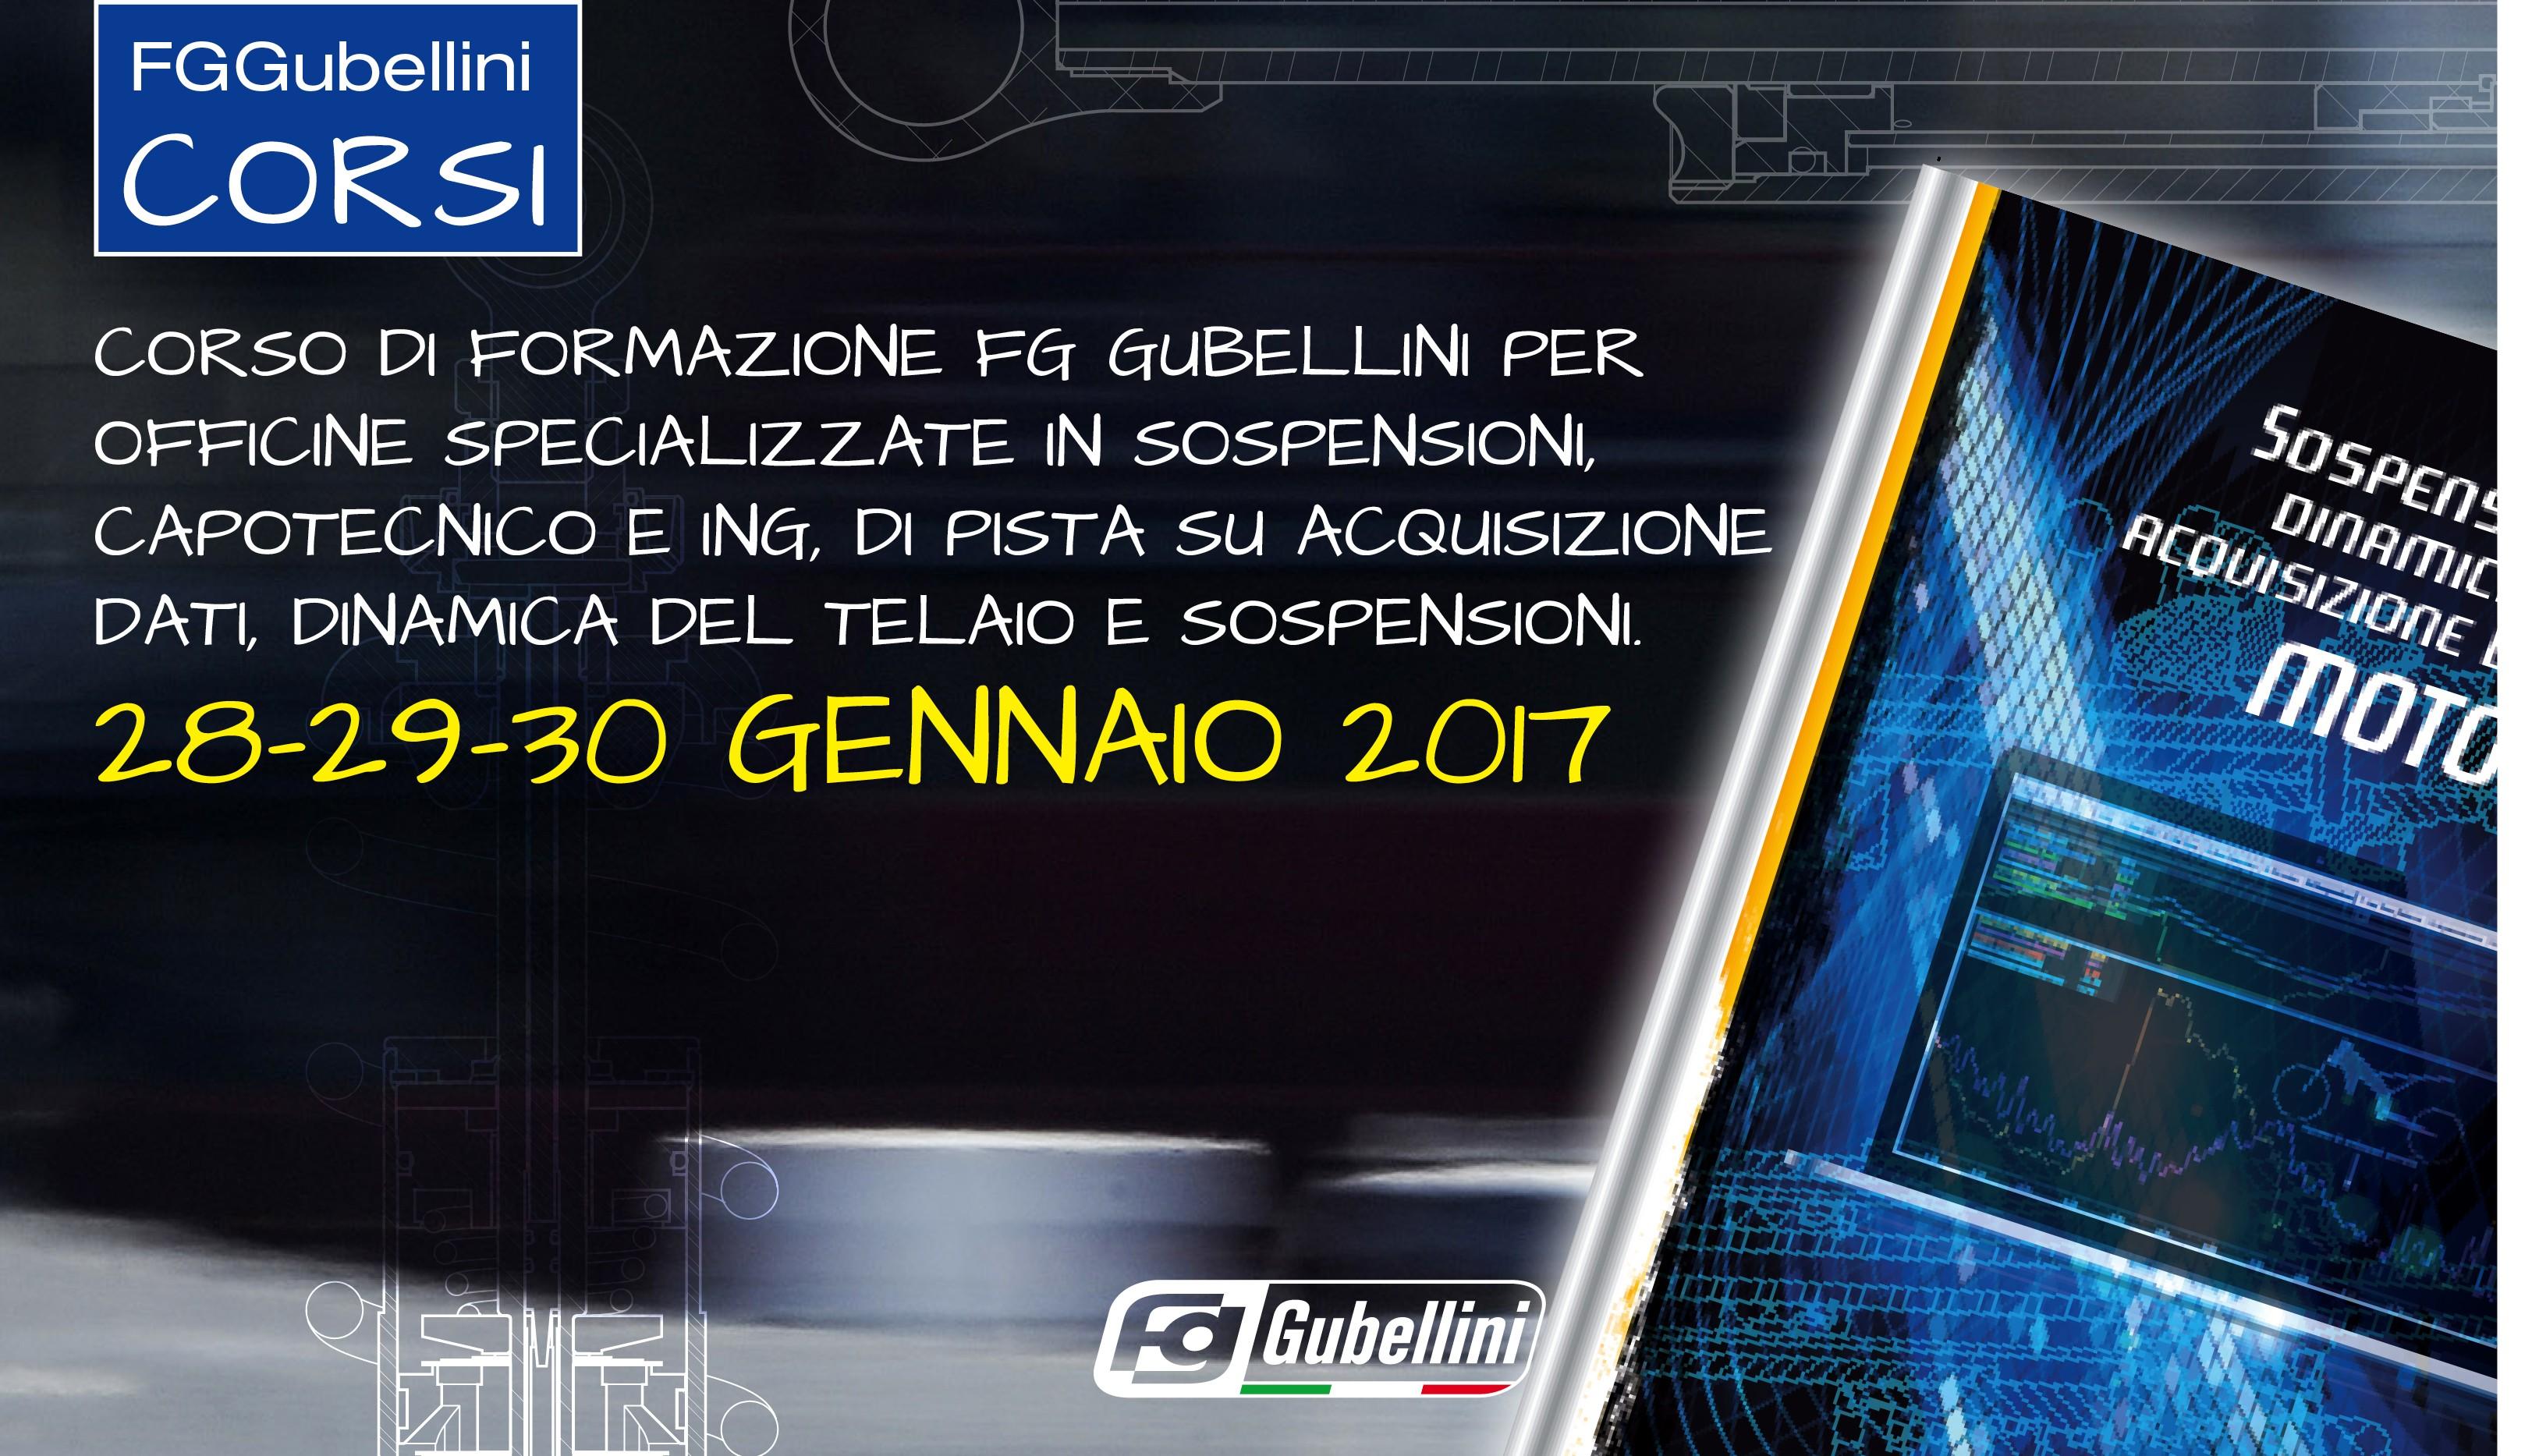 Corso di Formazione FG Gubellini per Officine specializzate in sospensioni, Capotecnico e Ing. di pista su acquisizione dati, dinamica del telaio e sospensioni: 28-29-30 gen. 2017